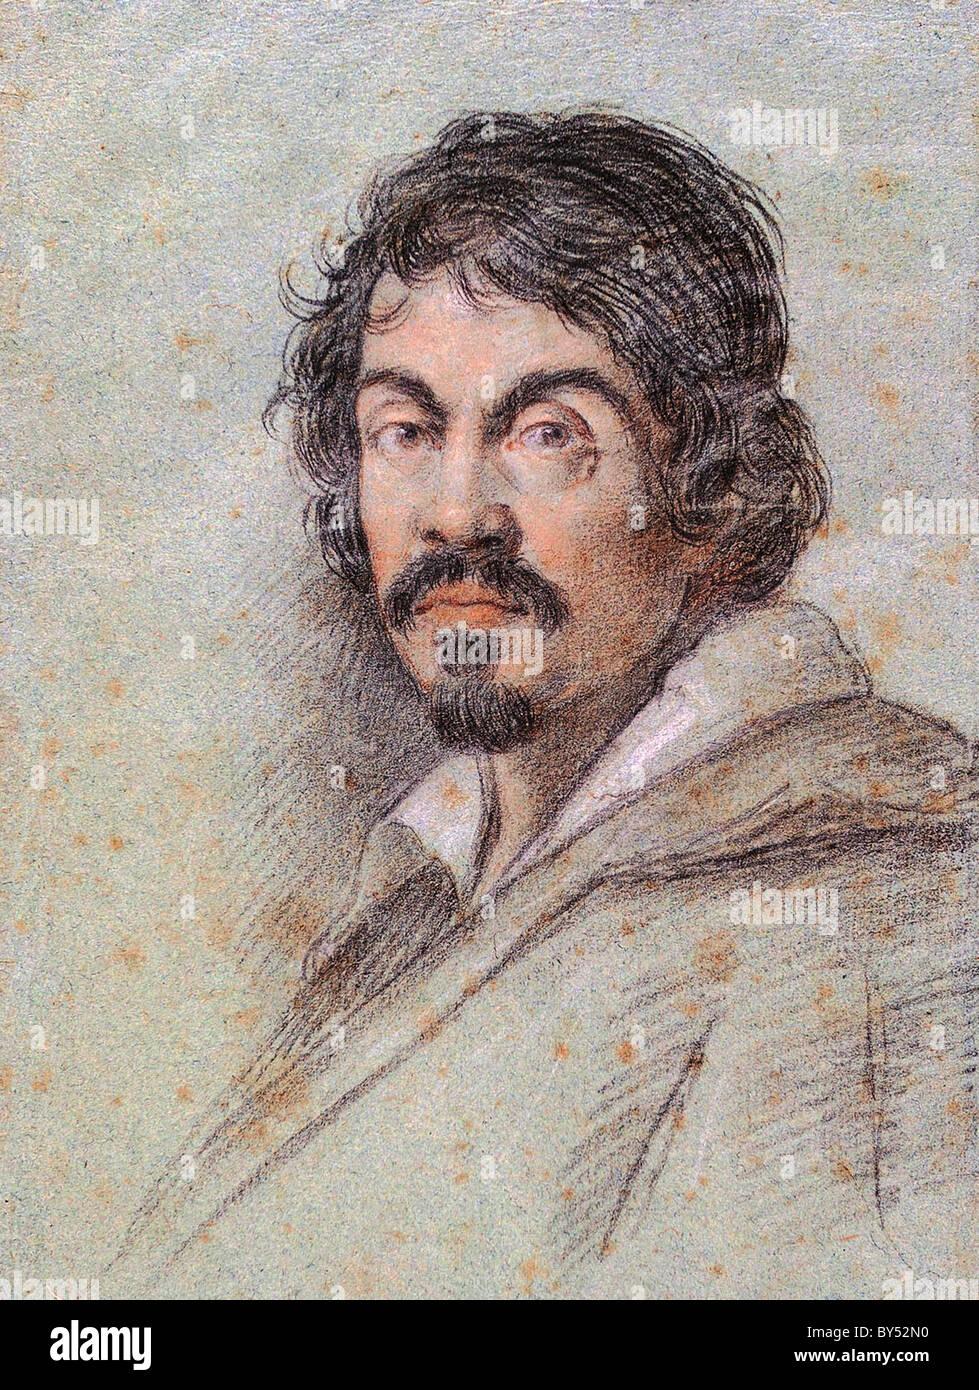 Caravaggio, Michelangelo Merisi da Caravaggio (29 de septiembre de 1571 - 18 de julio de 1610) fue un artista italiano. Foto de stock